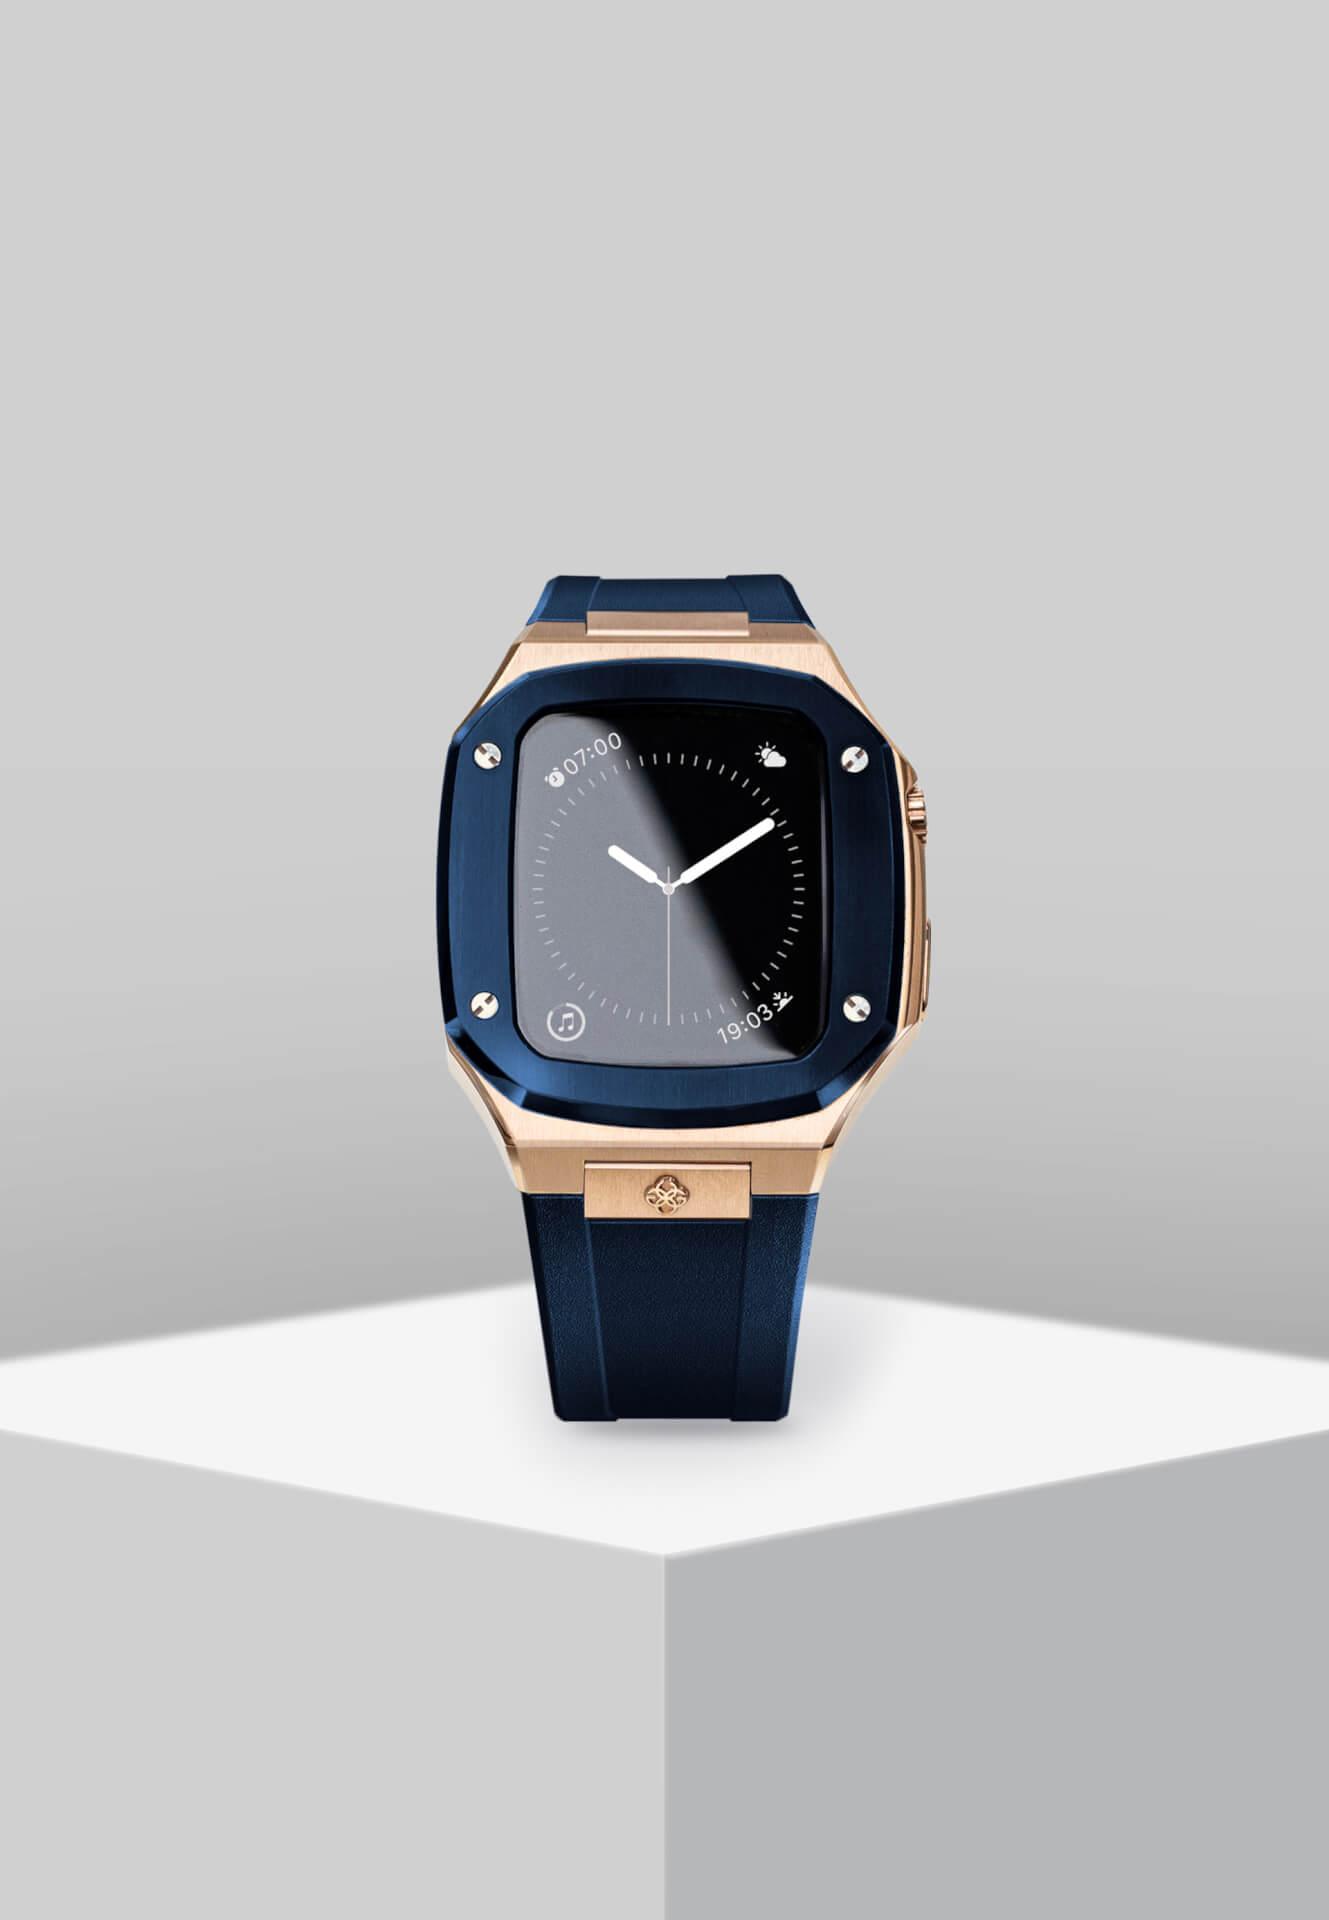 高級感漂うGOLDEN CONCEPTのApple Watchケースに待望の40mm用新コレクションが登場!ホワイト、イエローなどの新カラーがラインナップ tech201124_applewatch_case_16